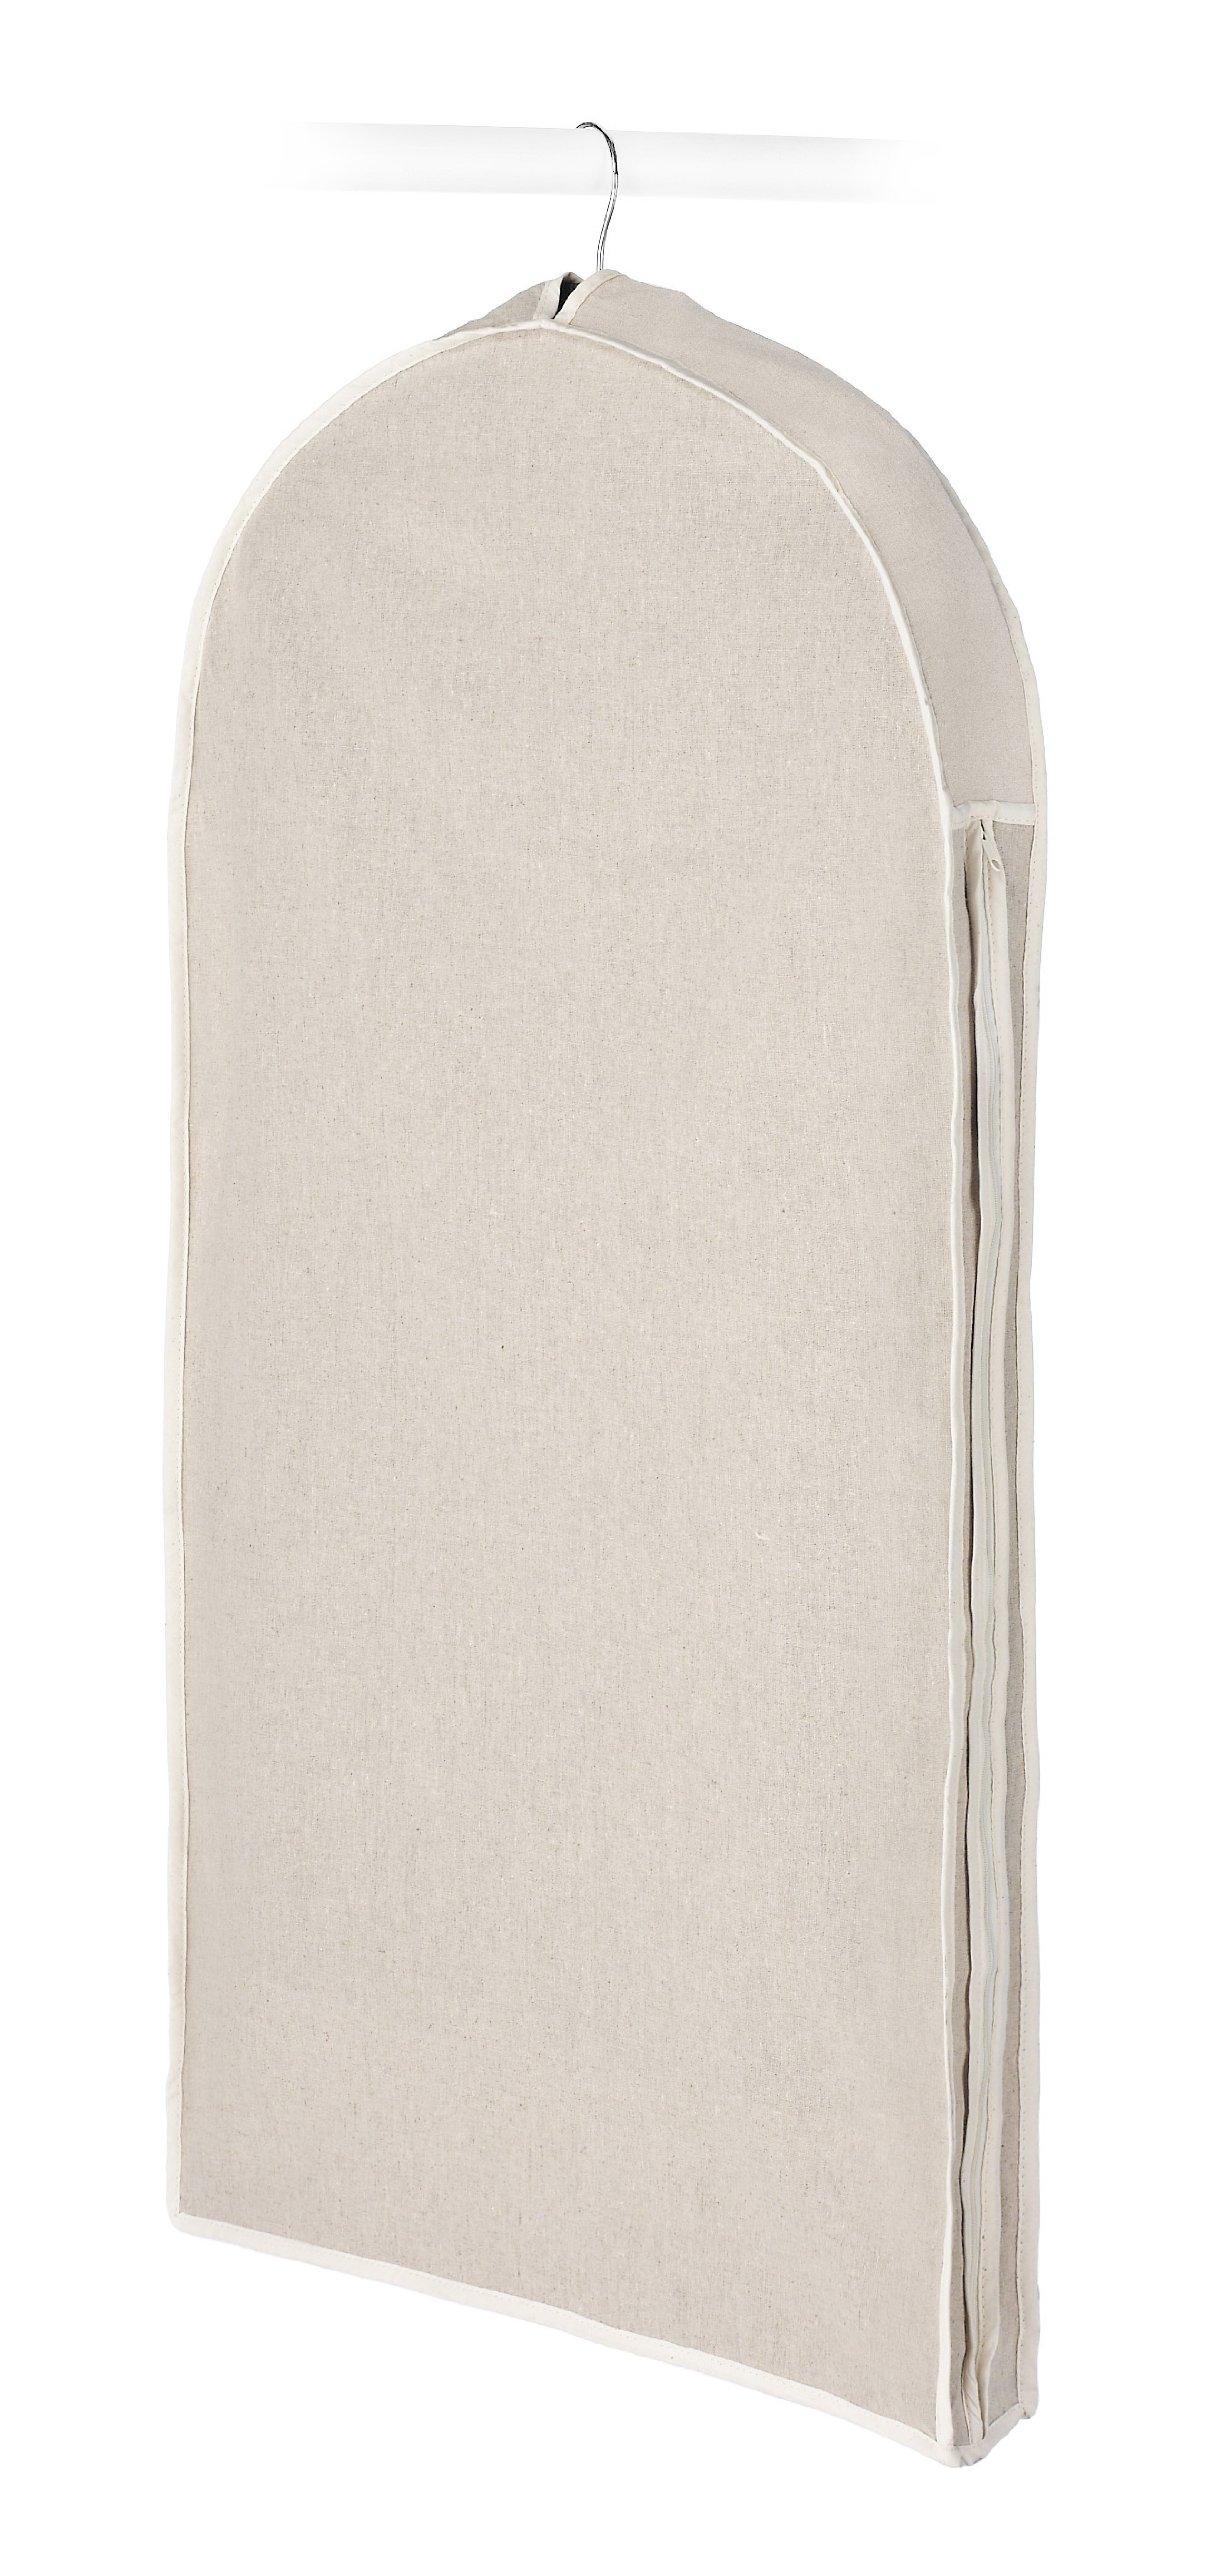 Whitmor Garment Bag, Natural Linen